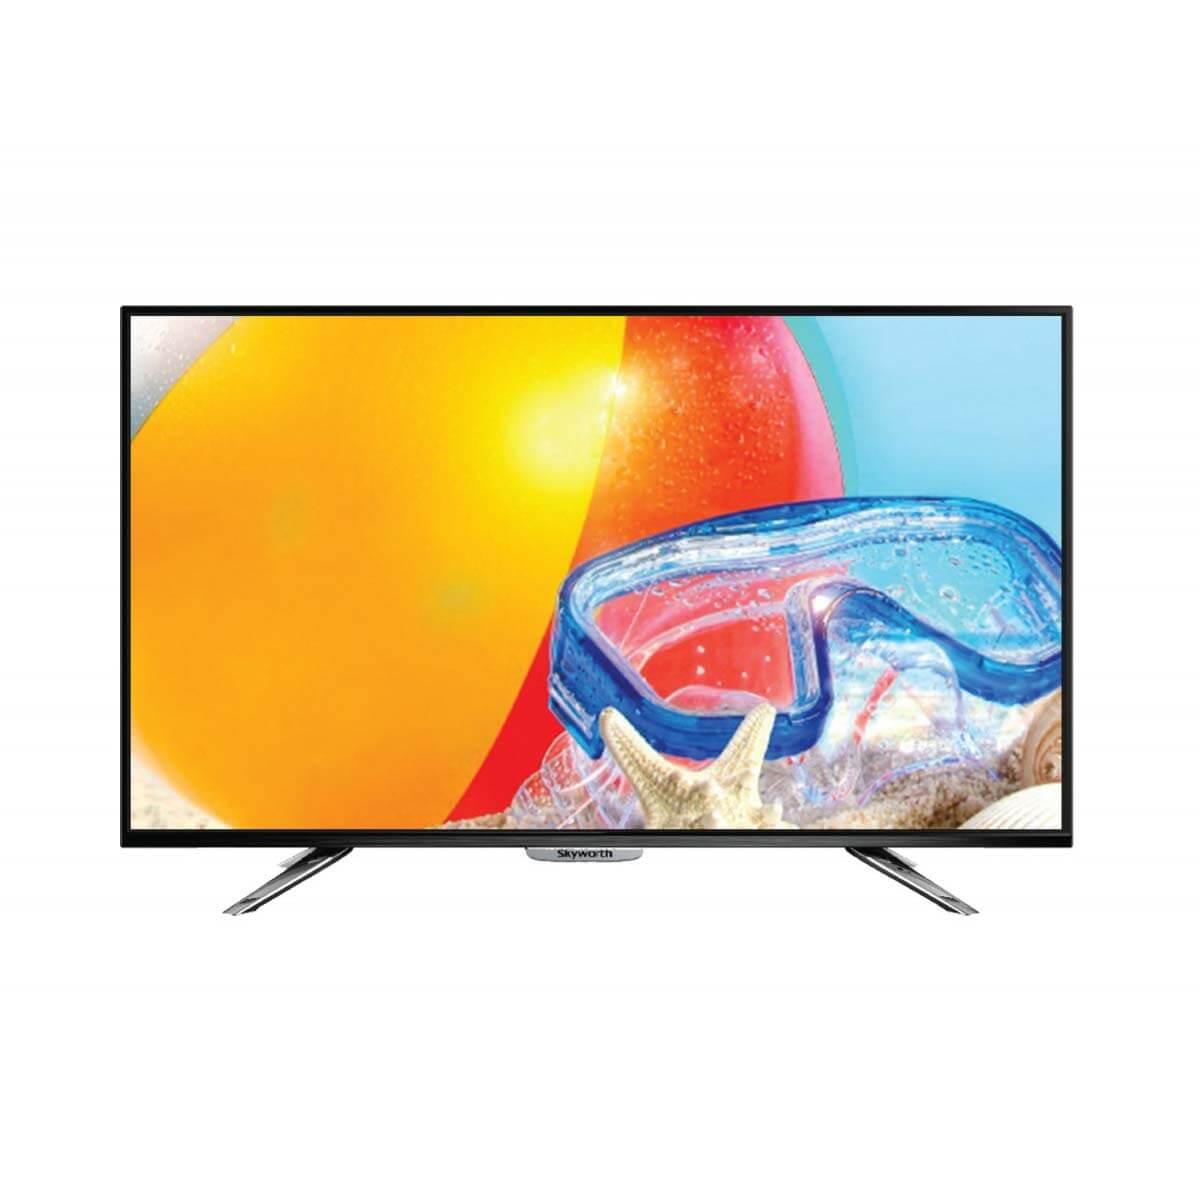 SKYWORTH-E200A 32″SMART INCH DIGITAL TV-BLACK